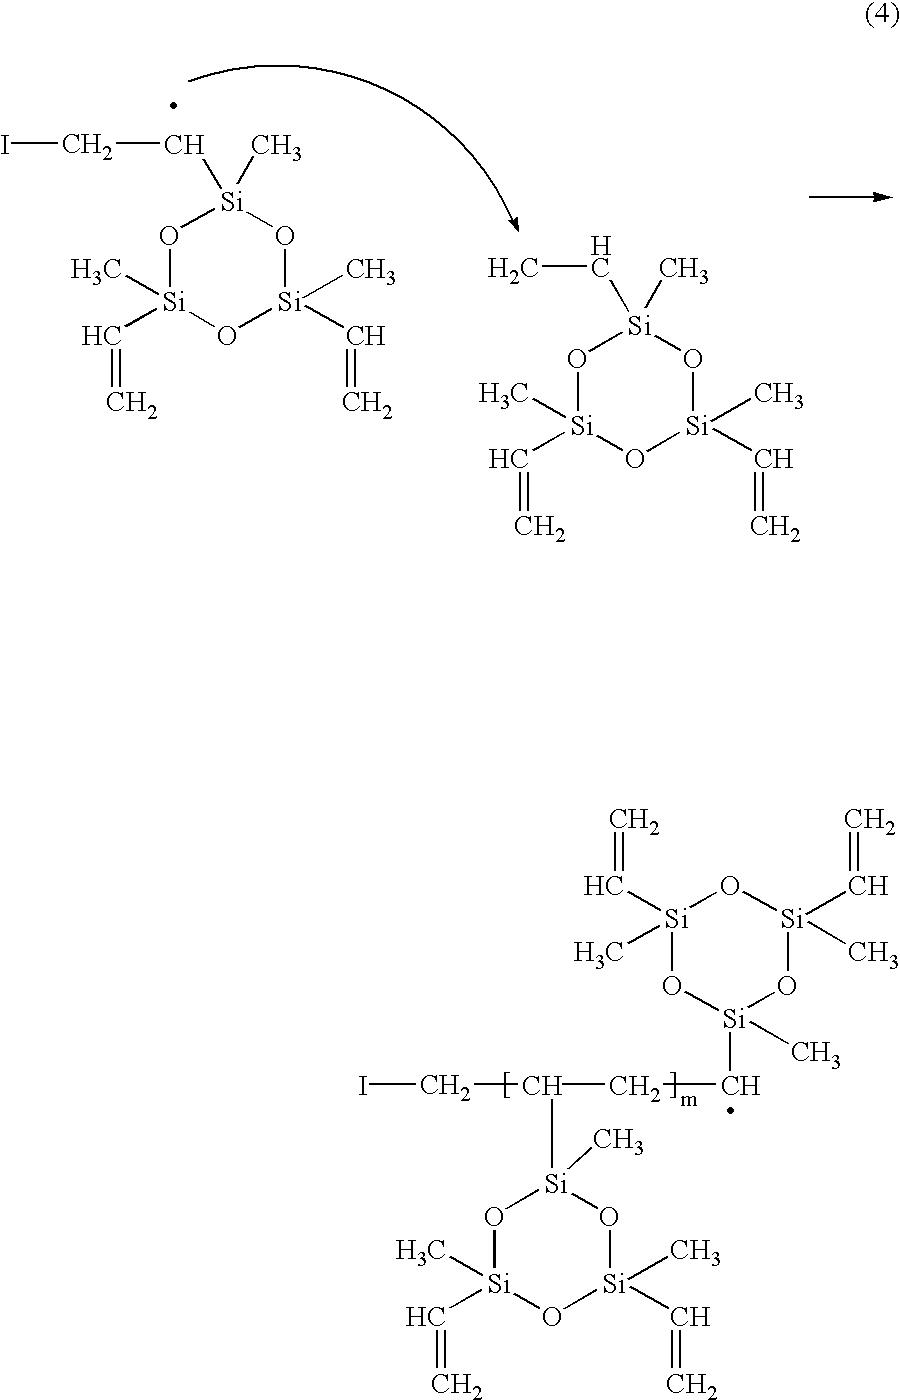 Figure US20030138645A1-20030724-C00006